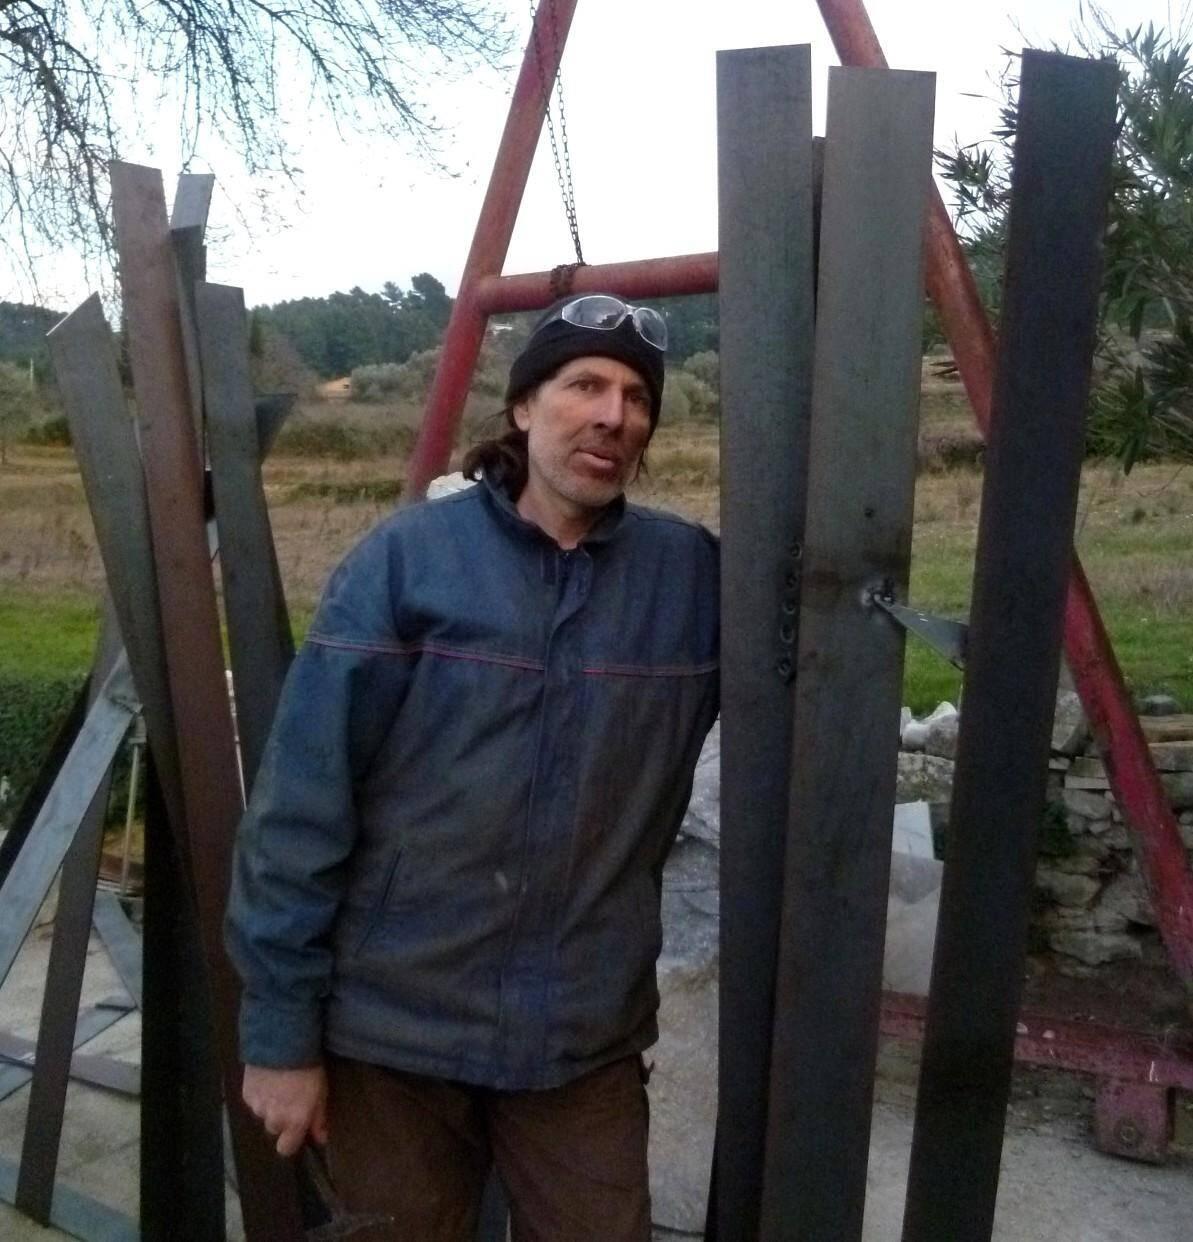 Manuel Paoli, sculpteur monumental et bâtisseur humanitaire.